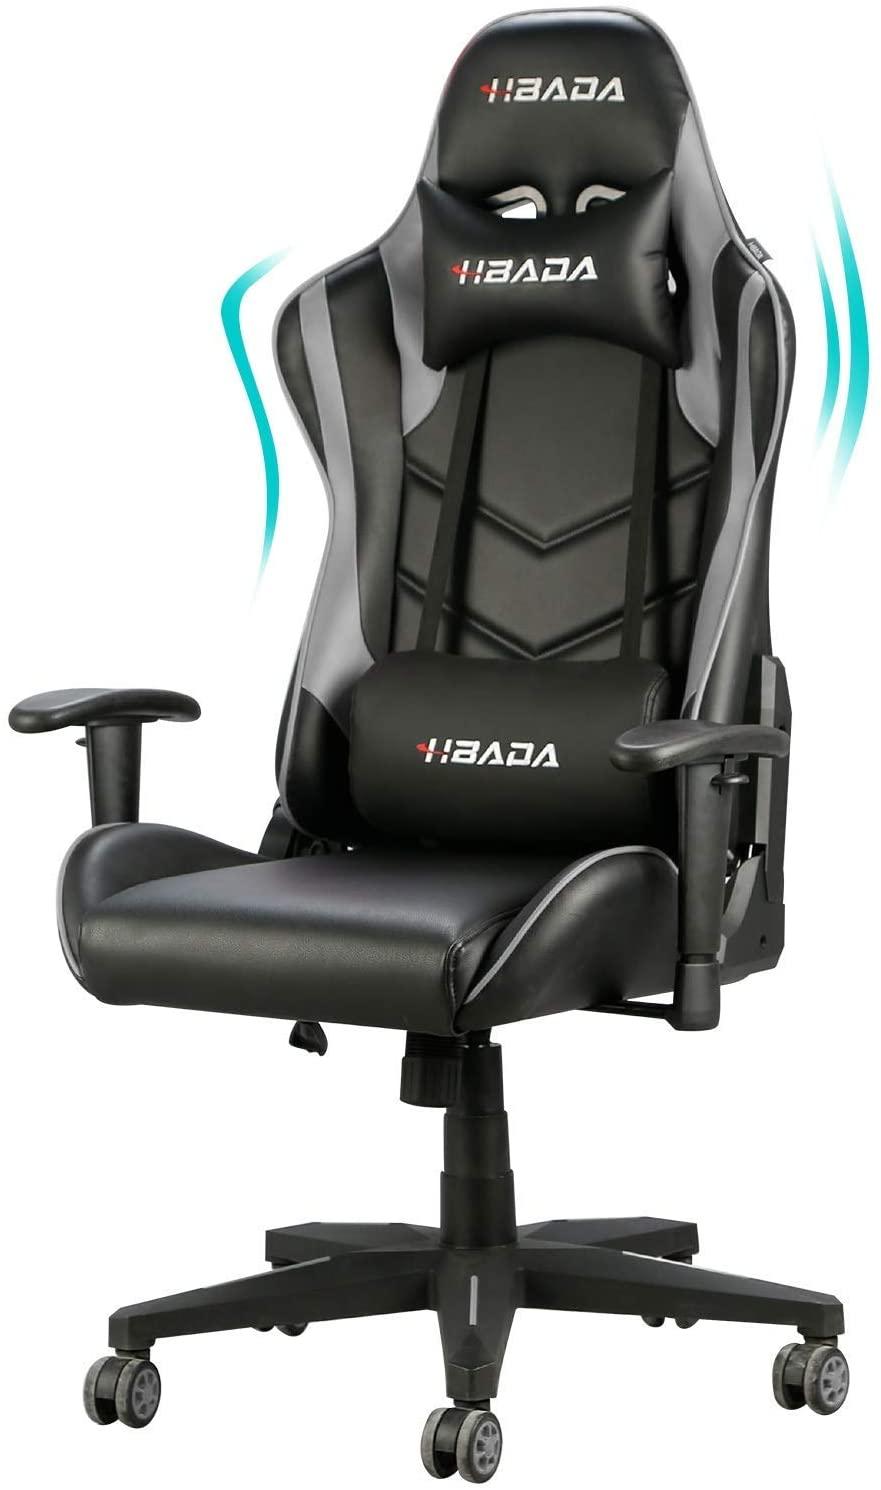 hbada office chair recliner